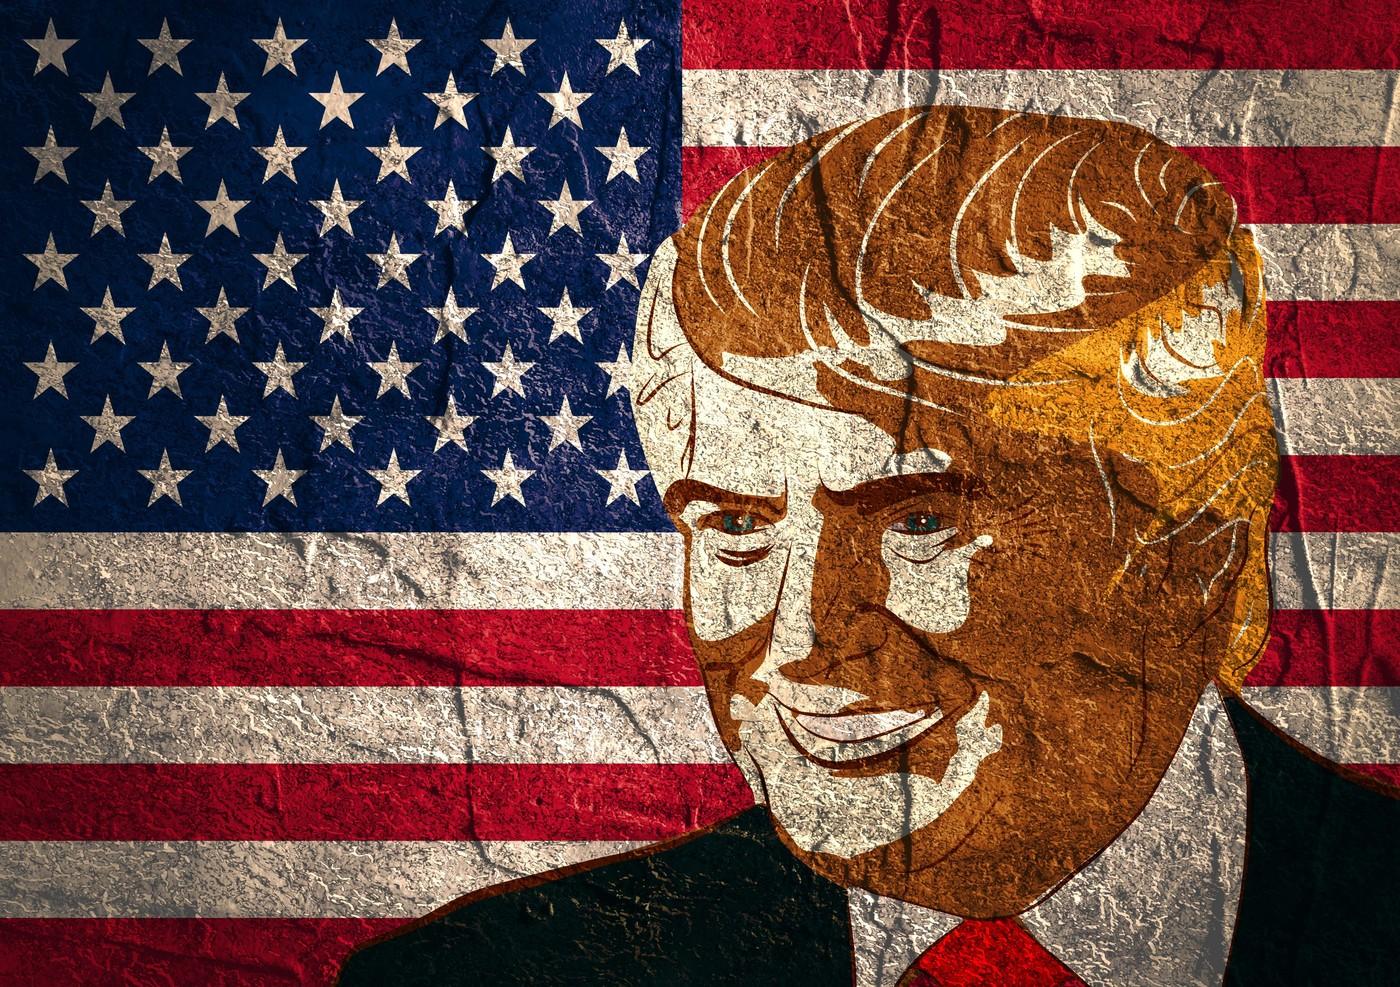 川普總統的美國,我們該憂心嗎?